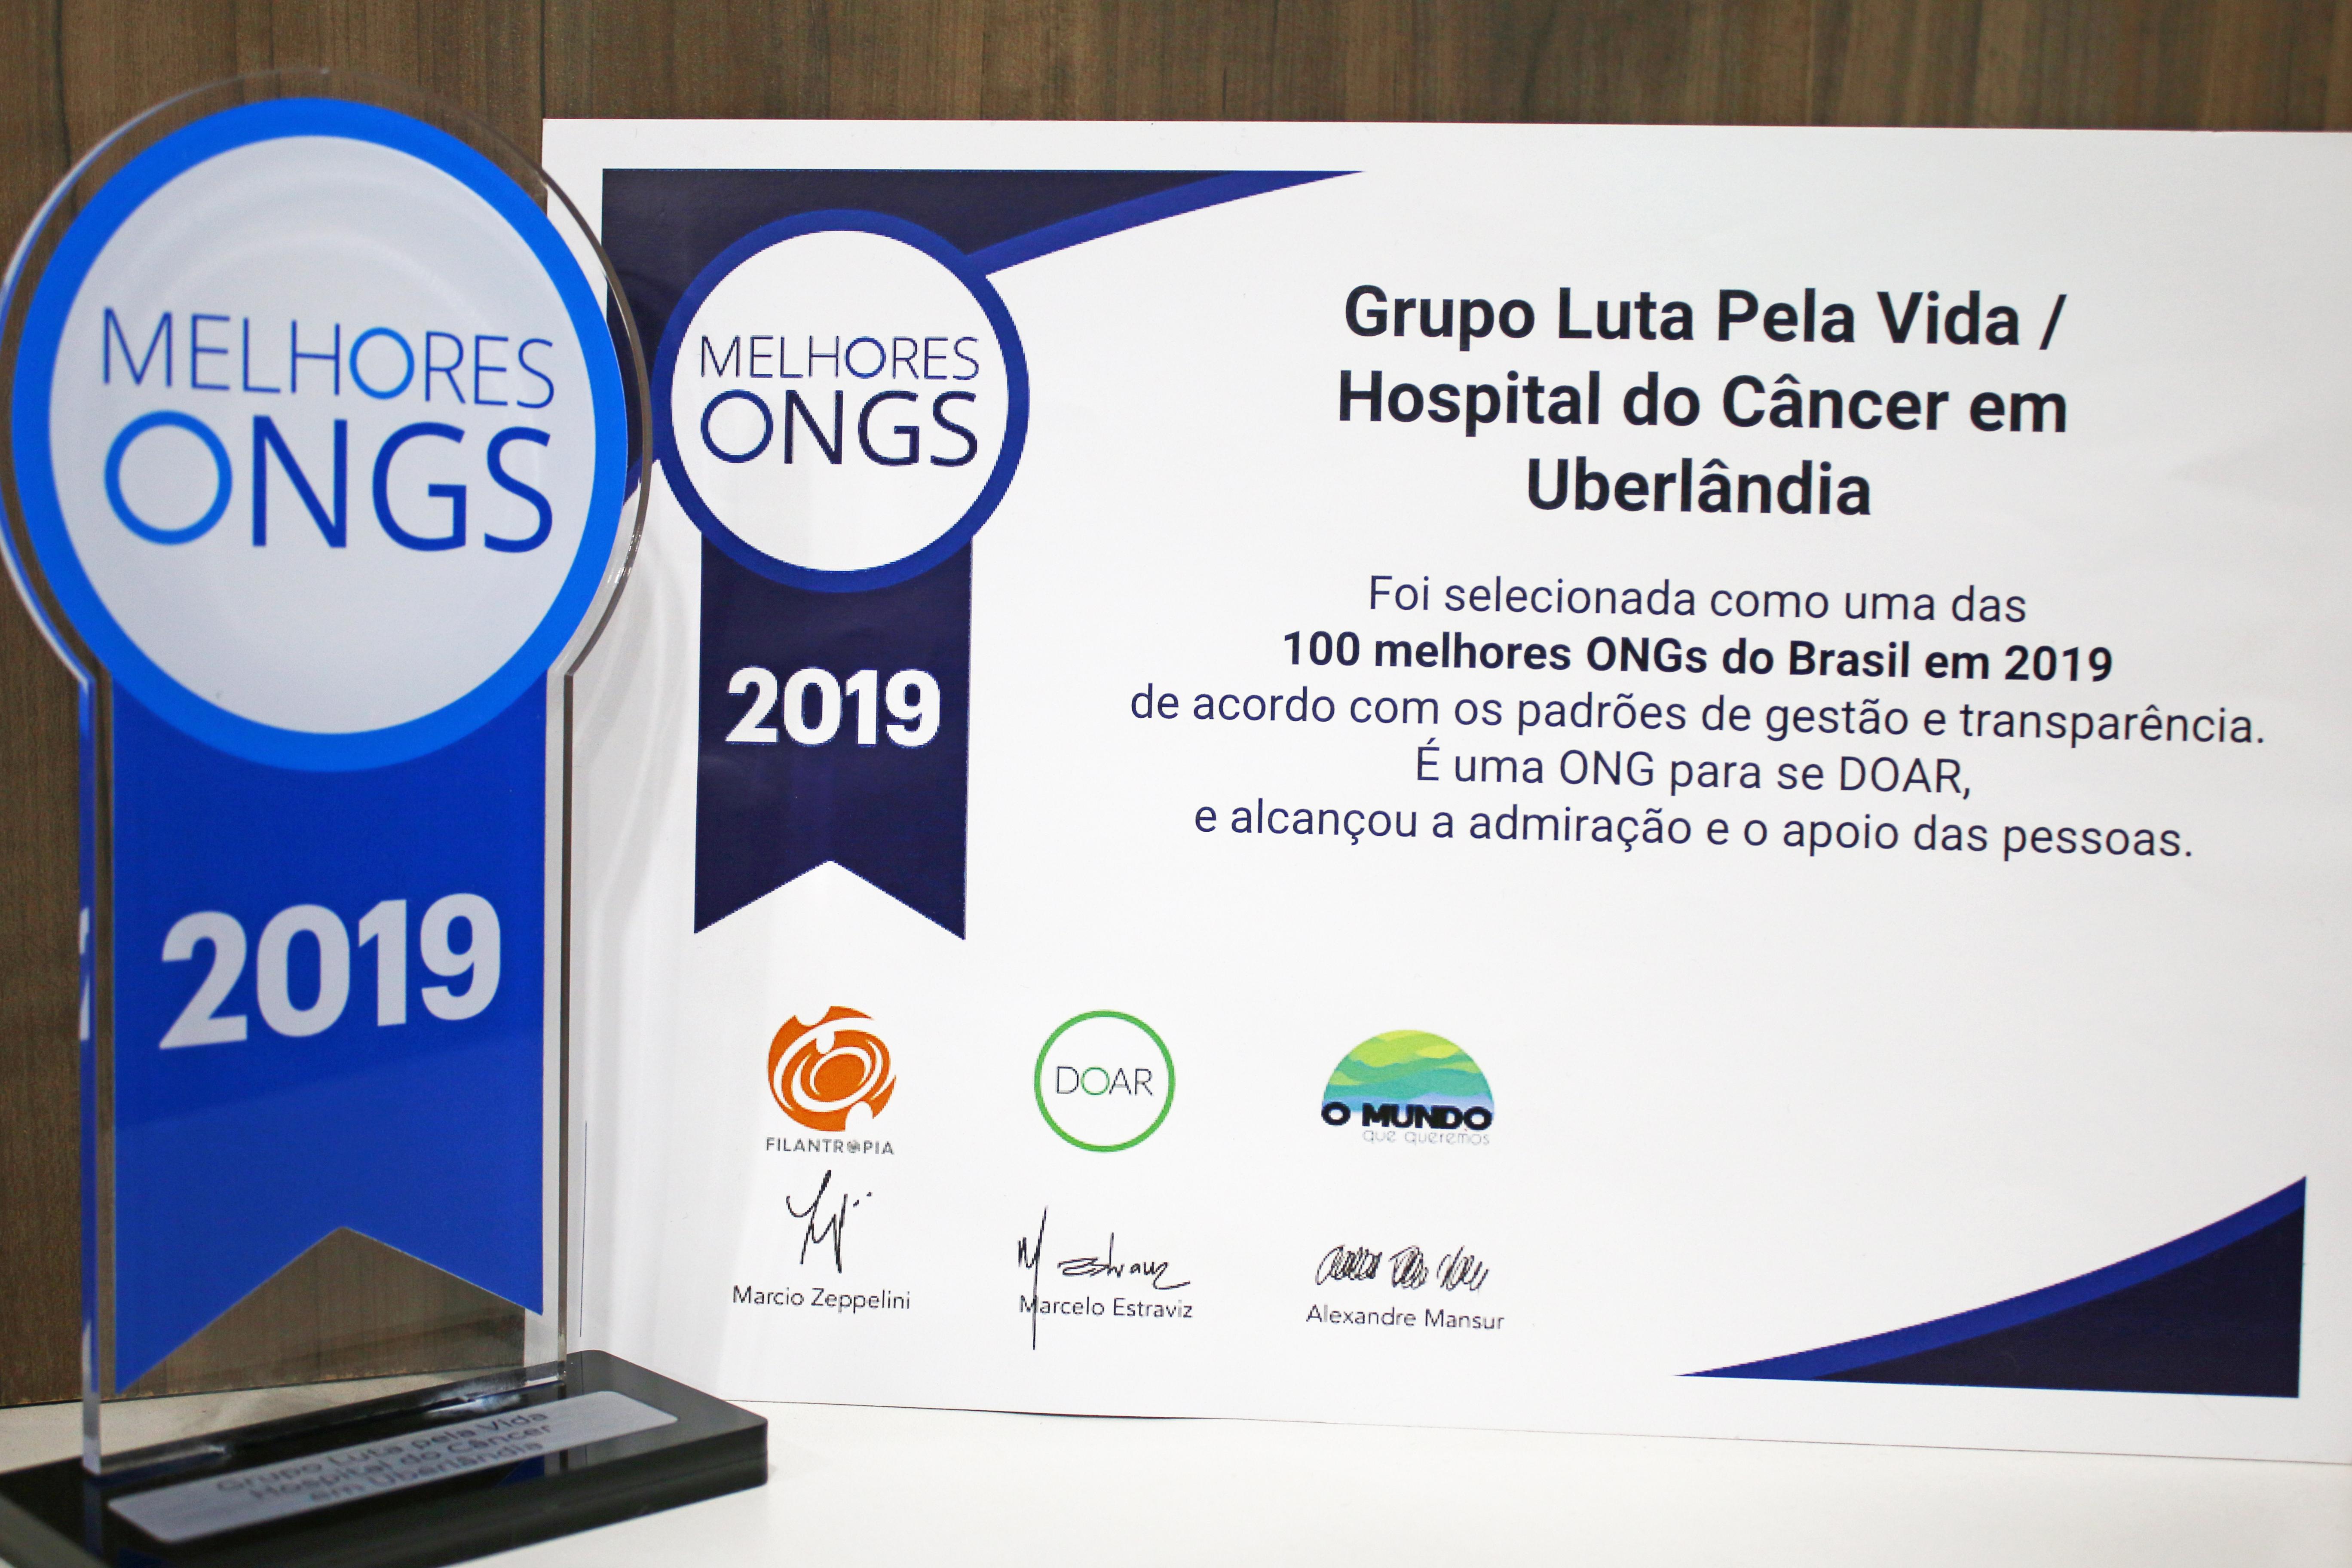 Grupo Luta Pela Vida está novamente entre as 100 melhores ONGs e é o destaque na Saúde